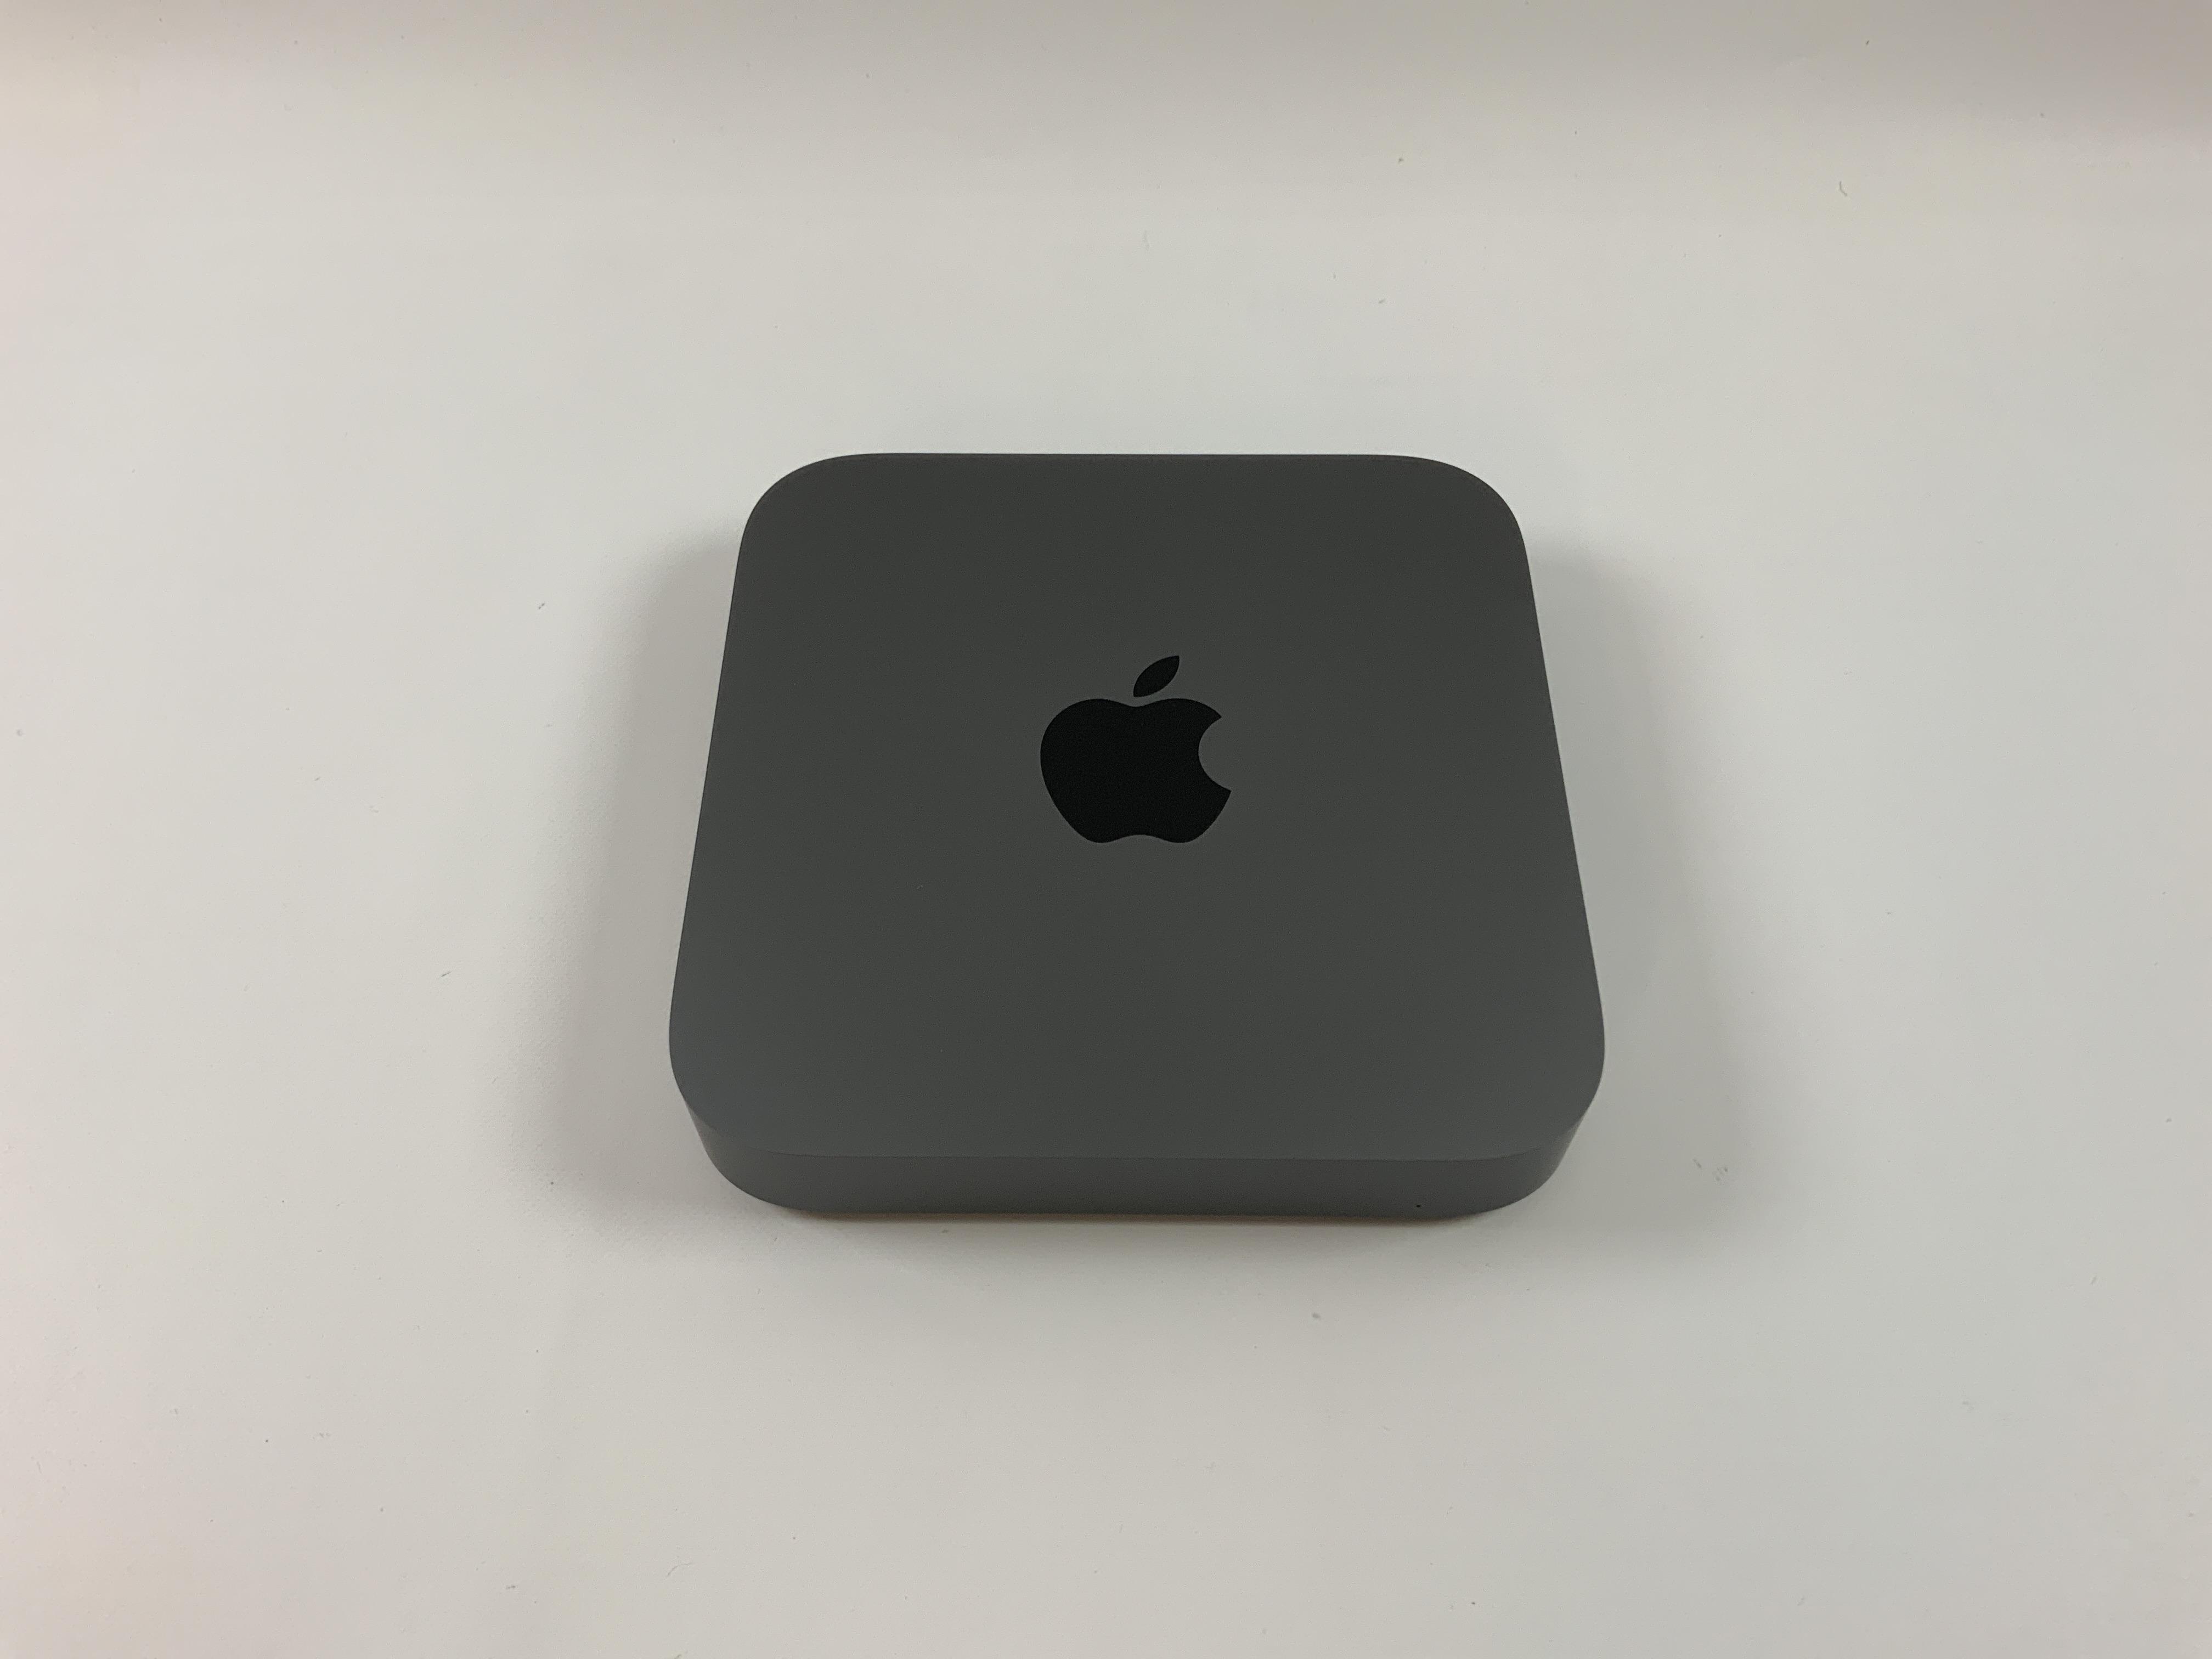 Mac Mini Early 2020 (Intel Quad-Core i3 3.6 GHz 64 GB RAM 256 GB SSD), Intel Quad-Core i3 3.6 GHz, 64 GB RAM, 256 GB SSD, image 1